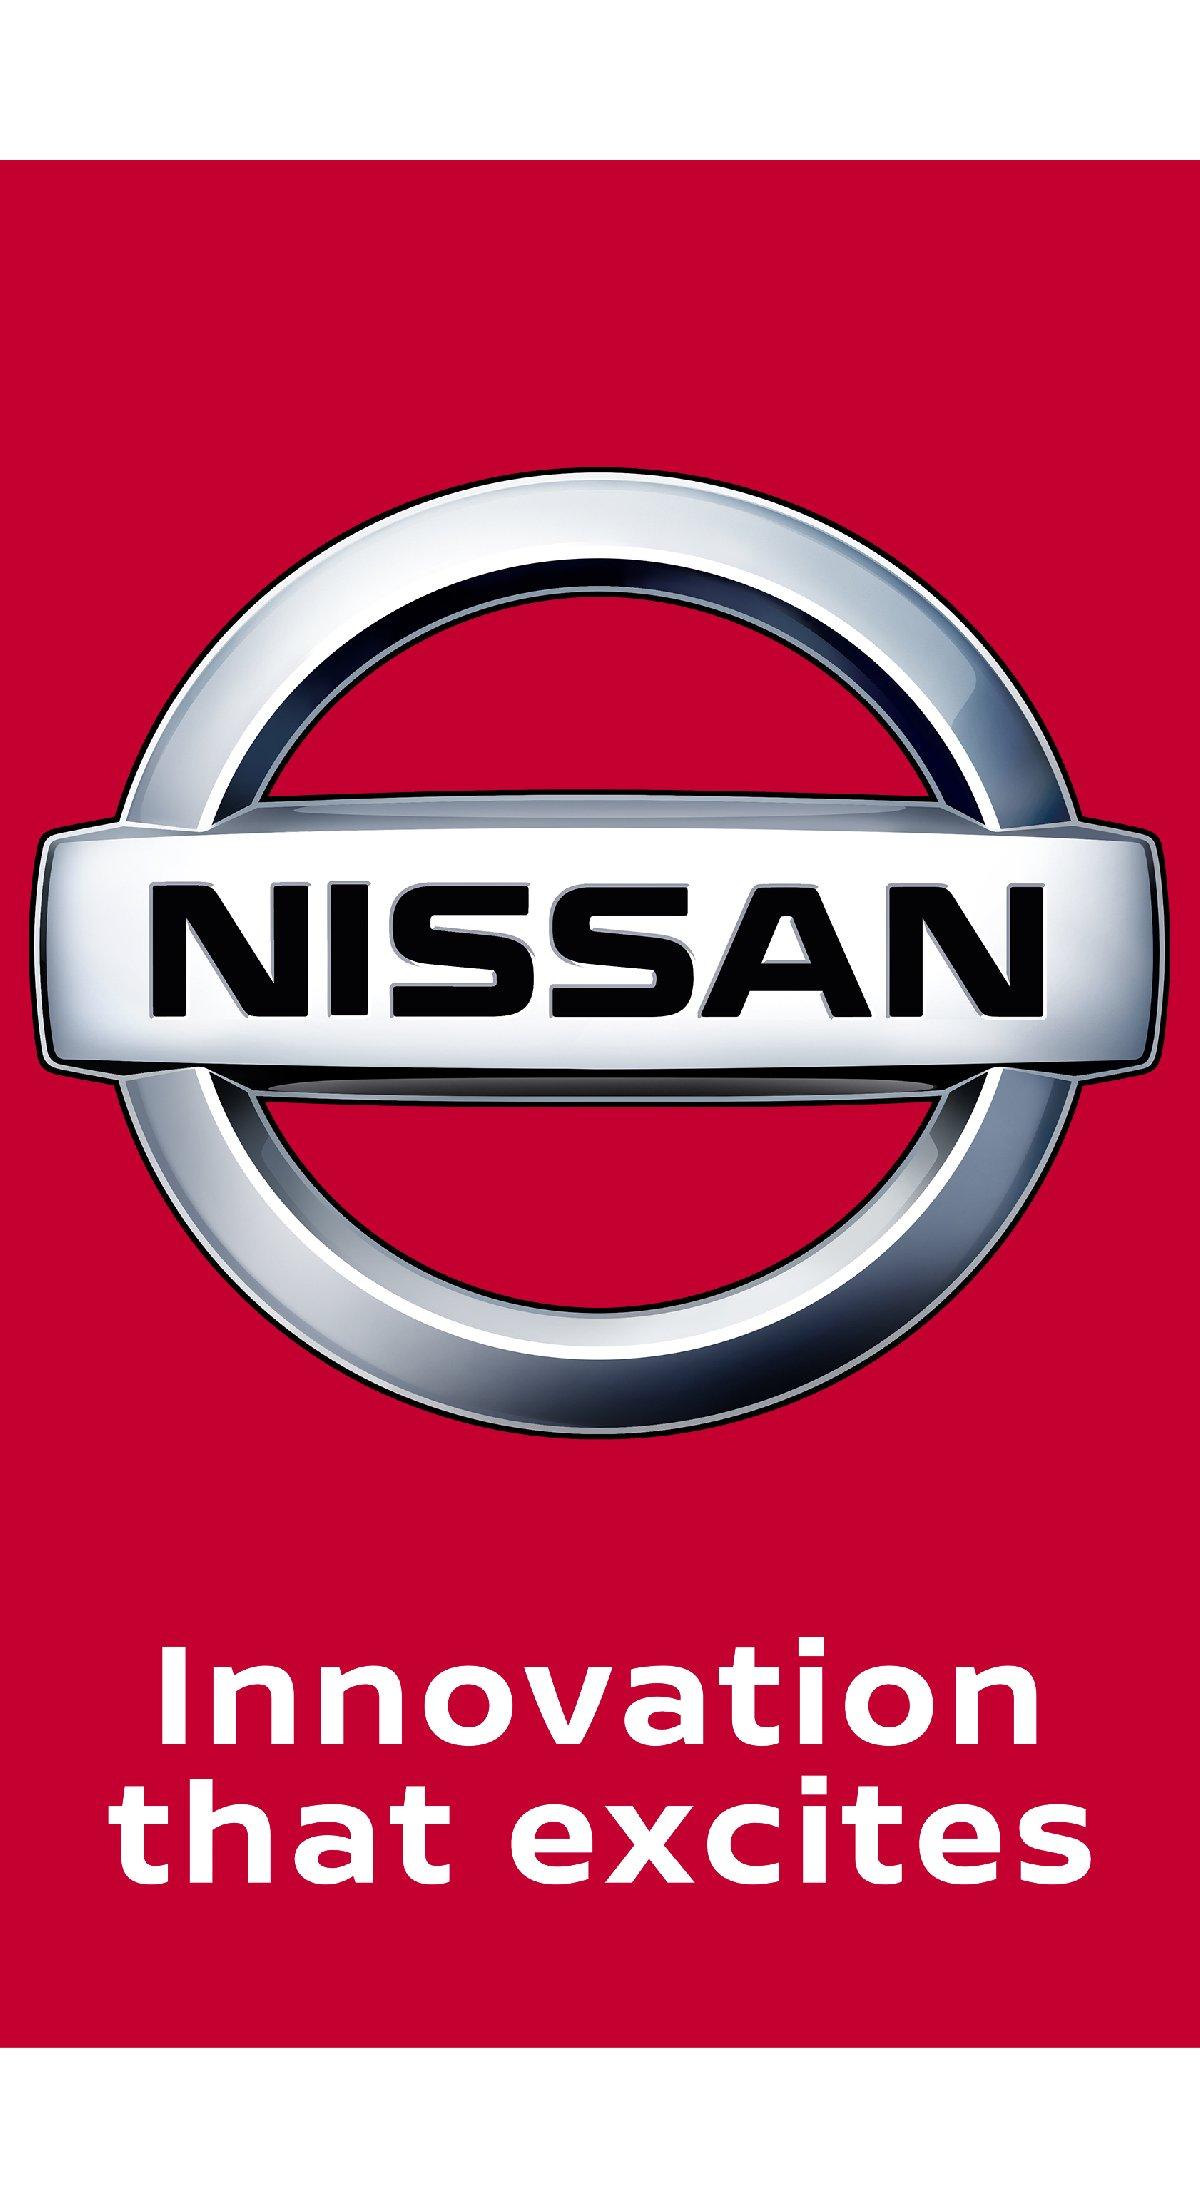 1525853166_nissan_logo-kopya